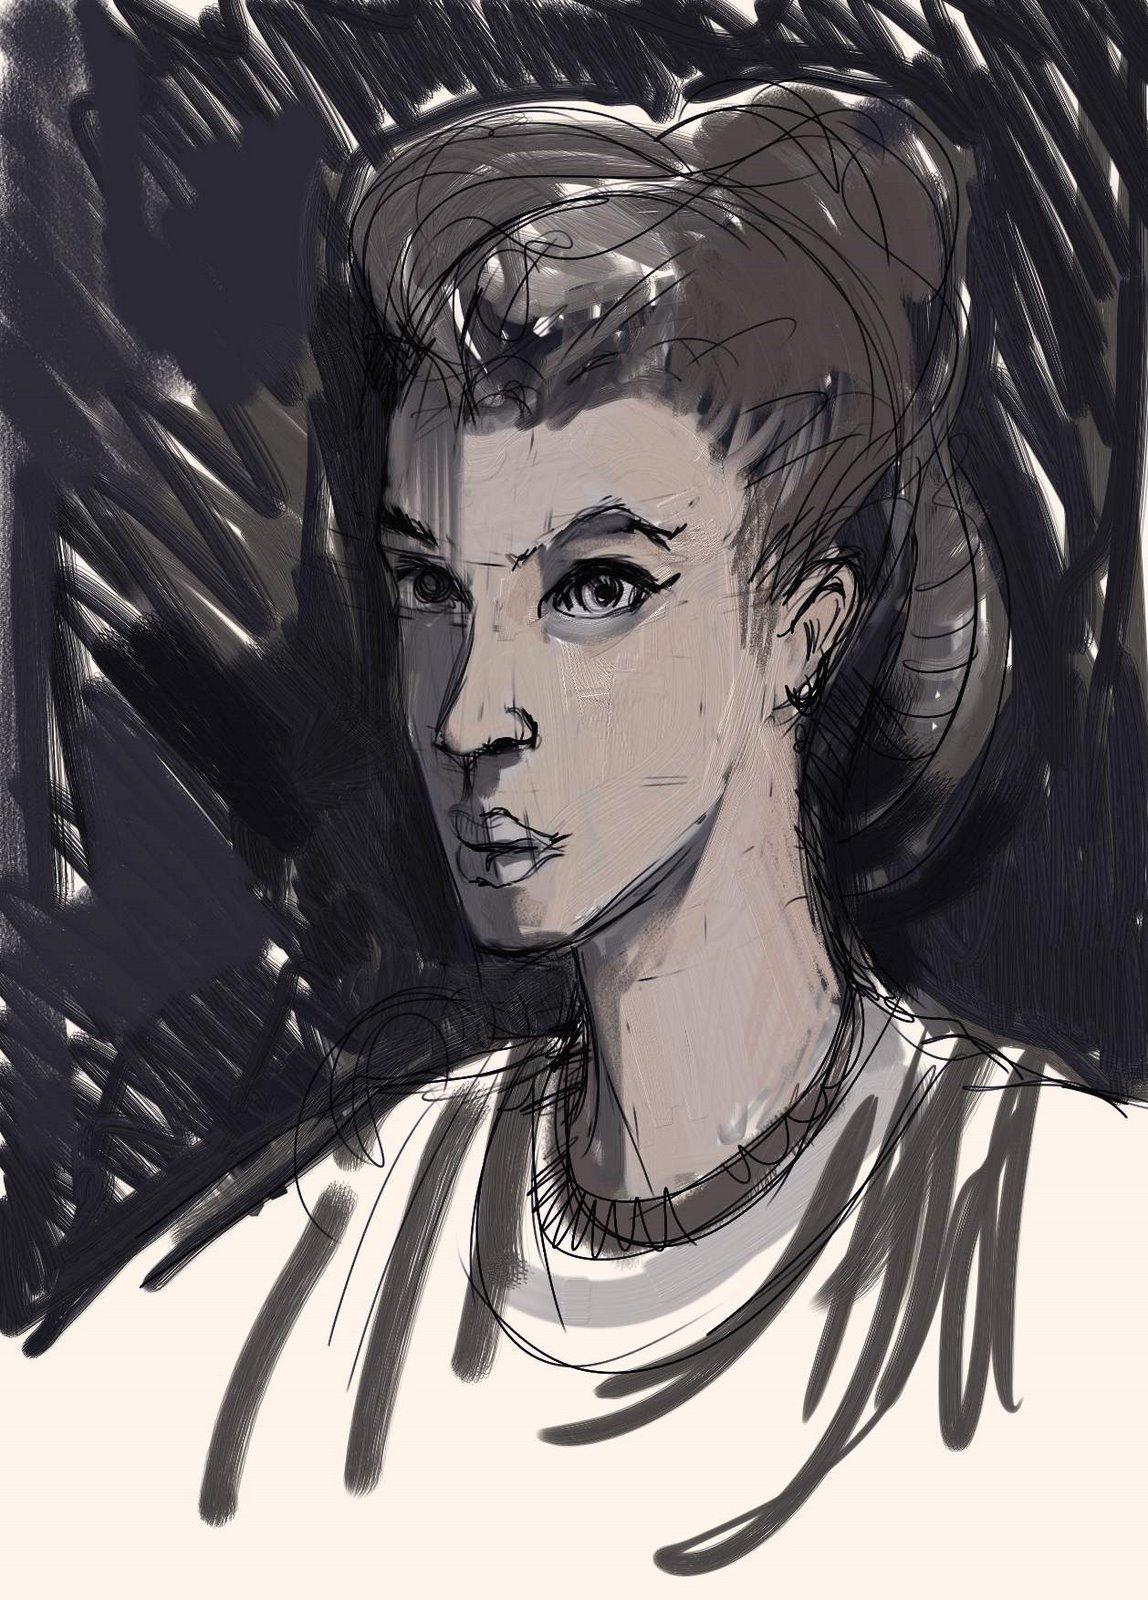 [grey+lady]